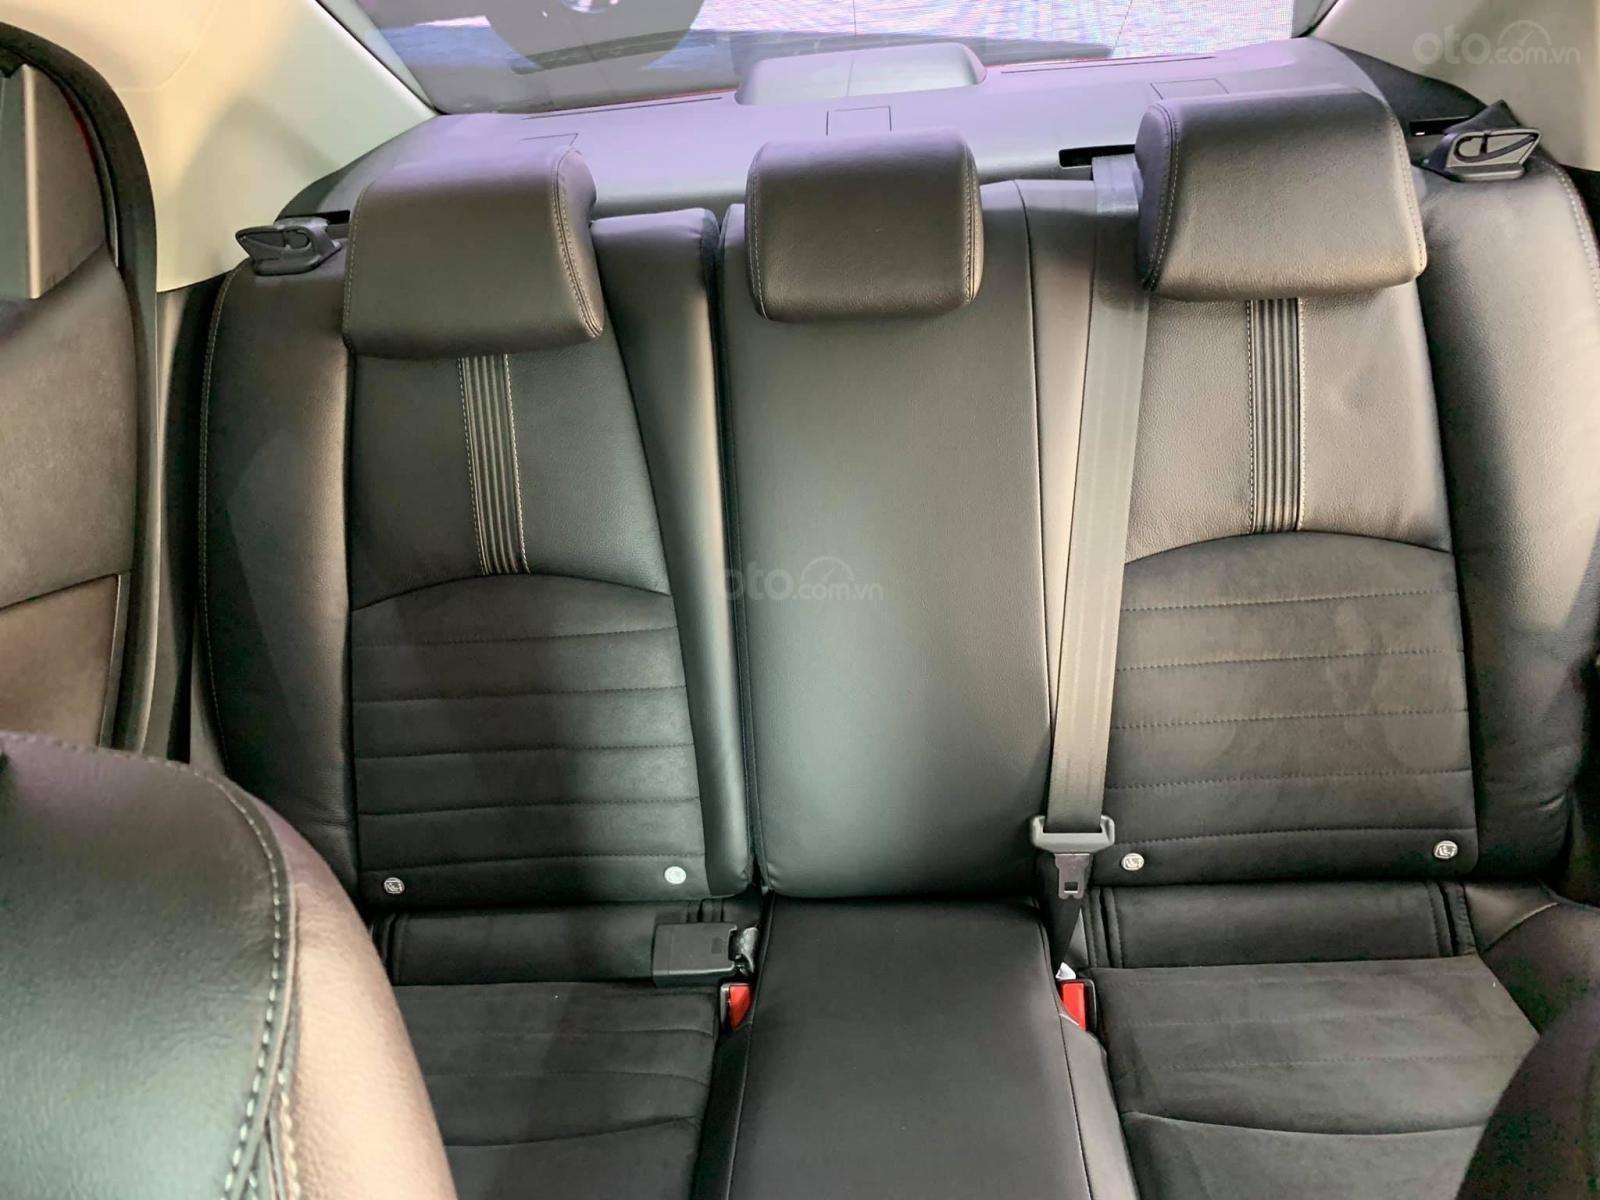 Bán Mazda 2 Deluxe 2019 nhập khẩu Thái Lan - nhiều ưu đãi hấp dẫn - đủ màu giao ngay (8)